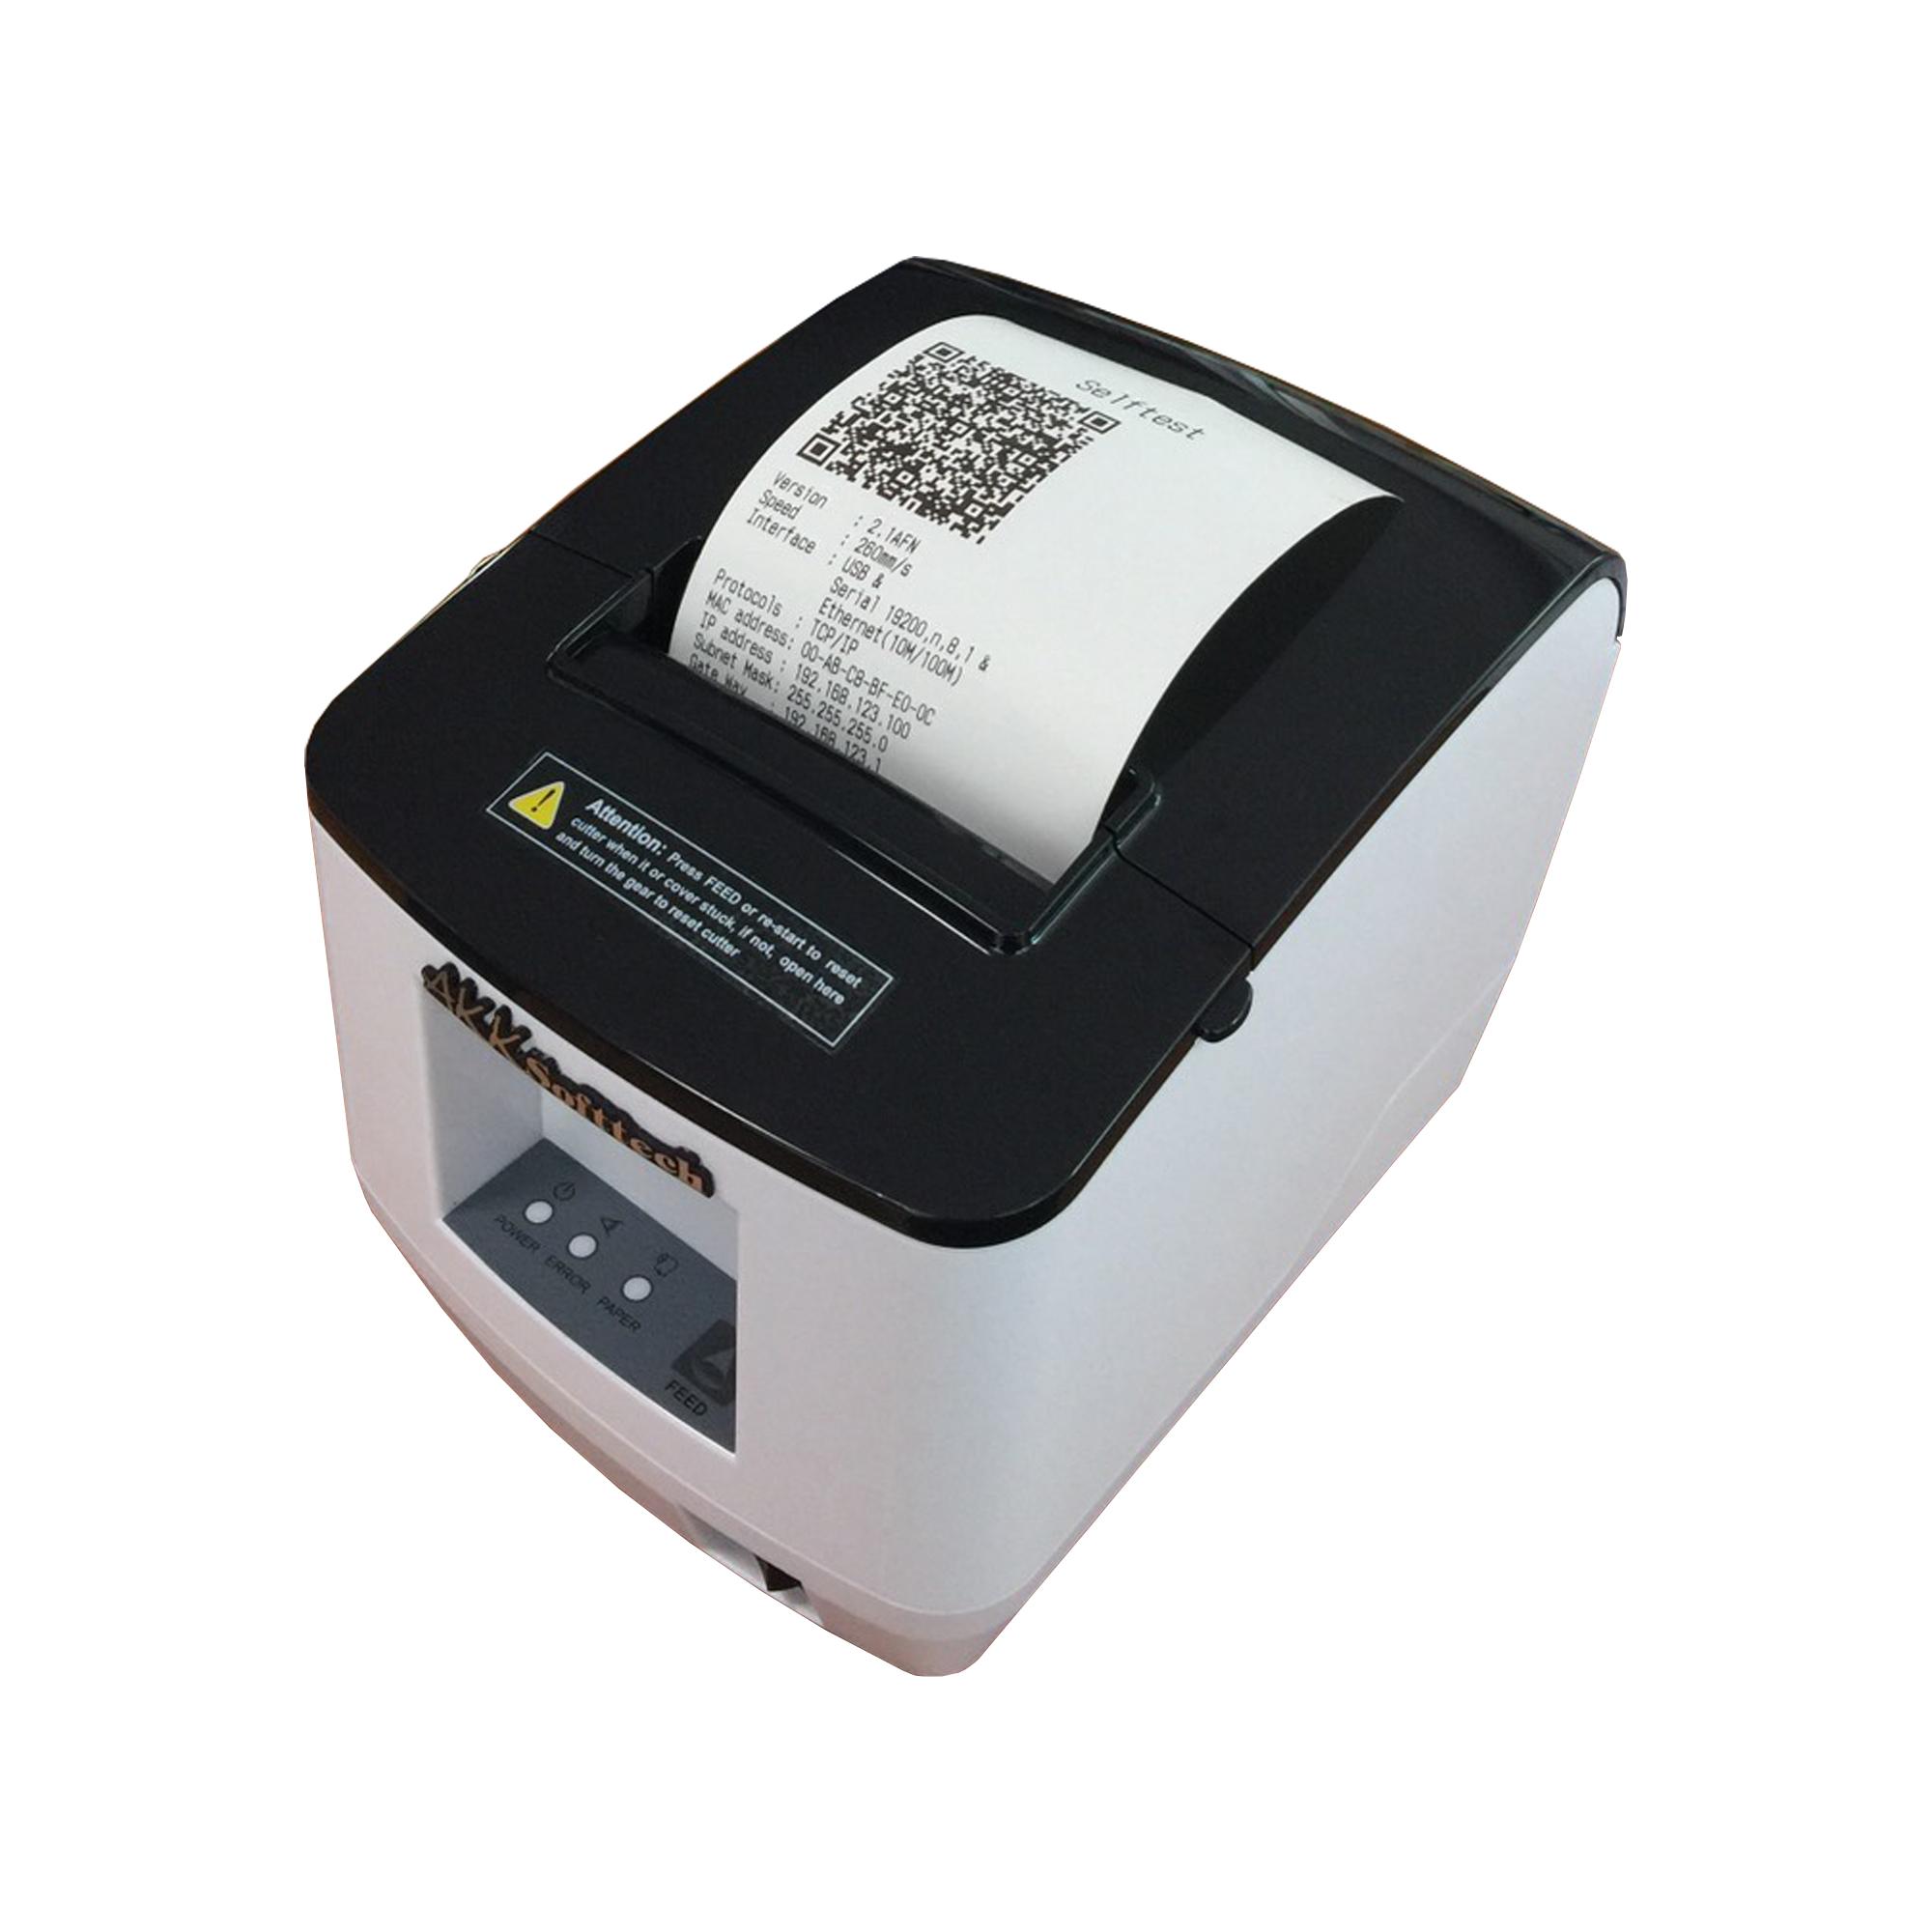 เครื่องพิมพ์ใบเสร็จหัวความร้อนขนาด 80 มม. (IN-80W)